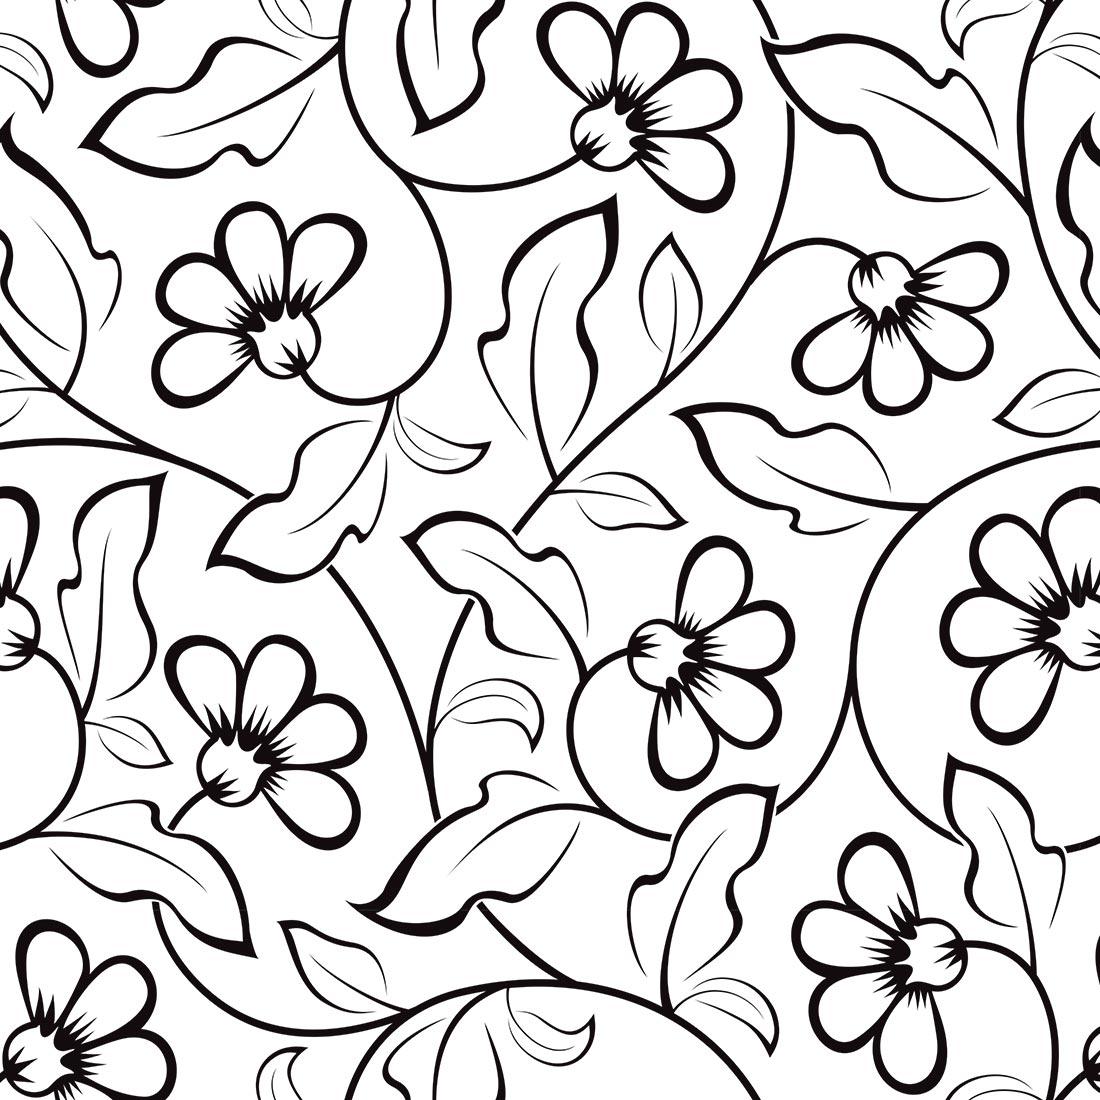 Papel de Parede Floral em Desenho Preta